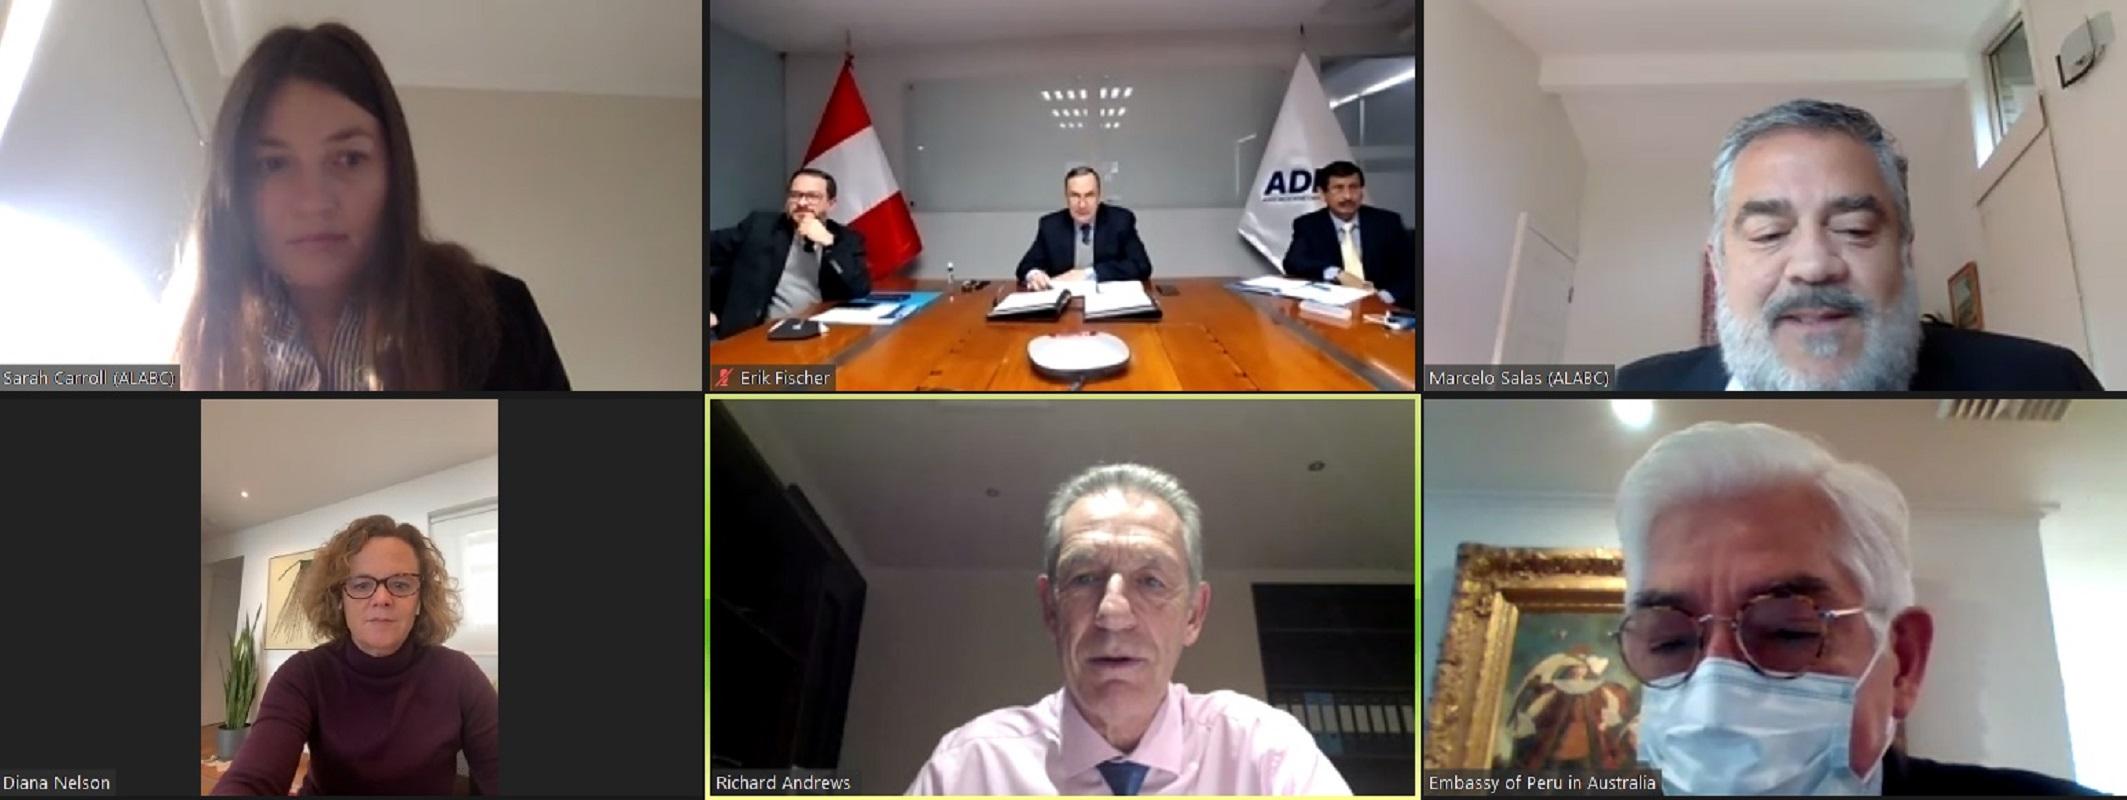 Se establece el Consejo Empresarial Australia-Perú (APBC) que promueve el comercio e inversión entre Australia y Perú.